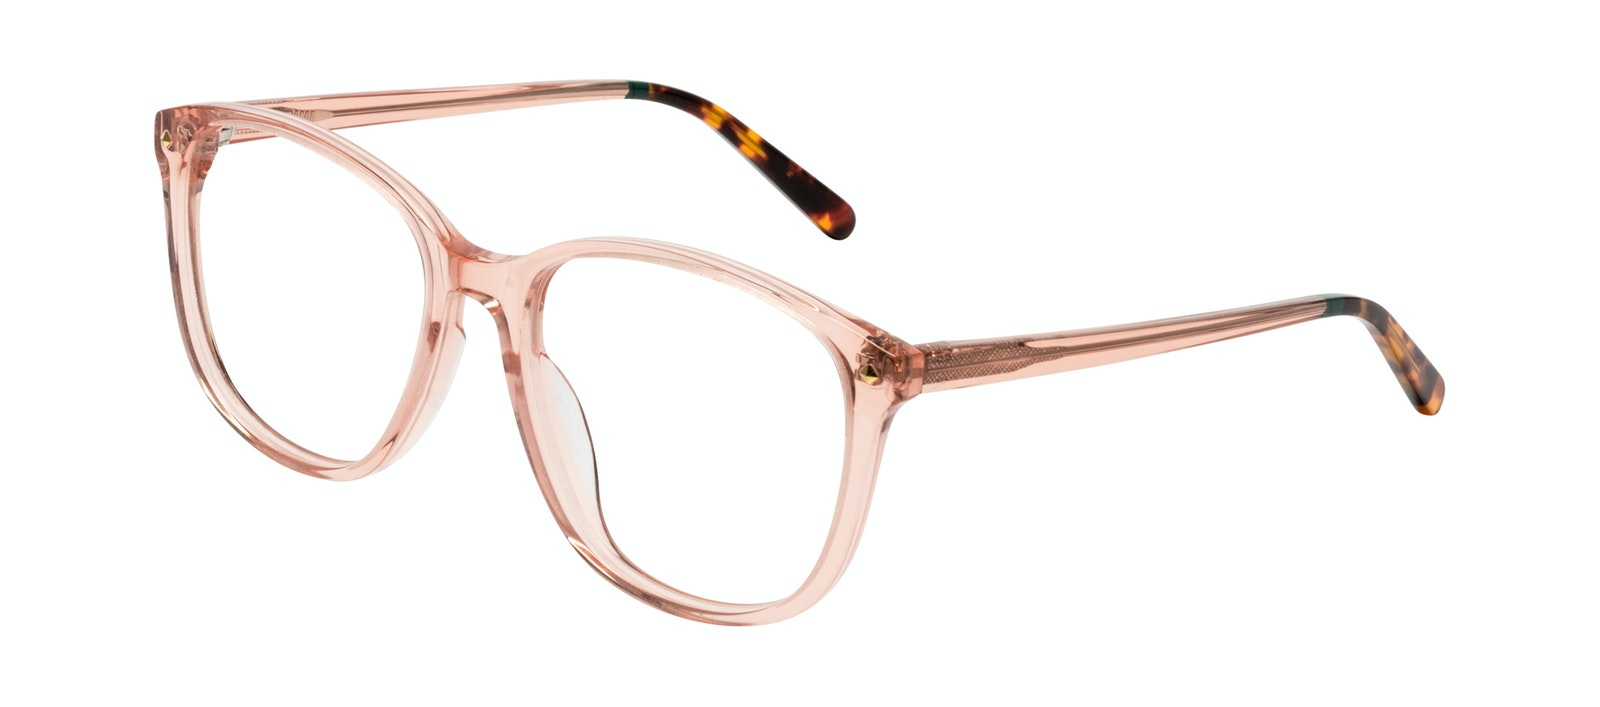 Affordable Fashion Glasses Square Eyeglasses Women Lauren Peach Tilt